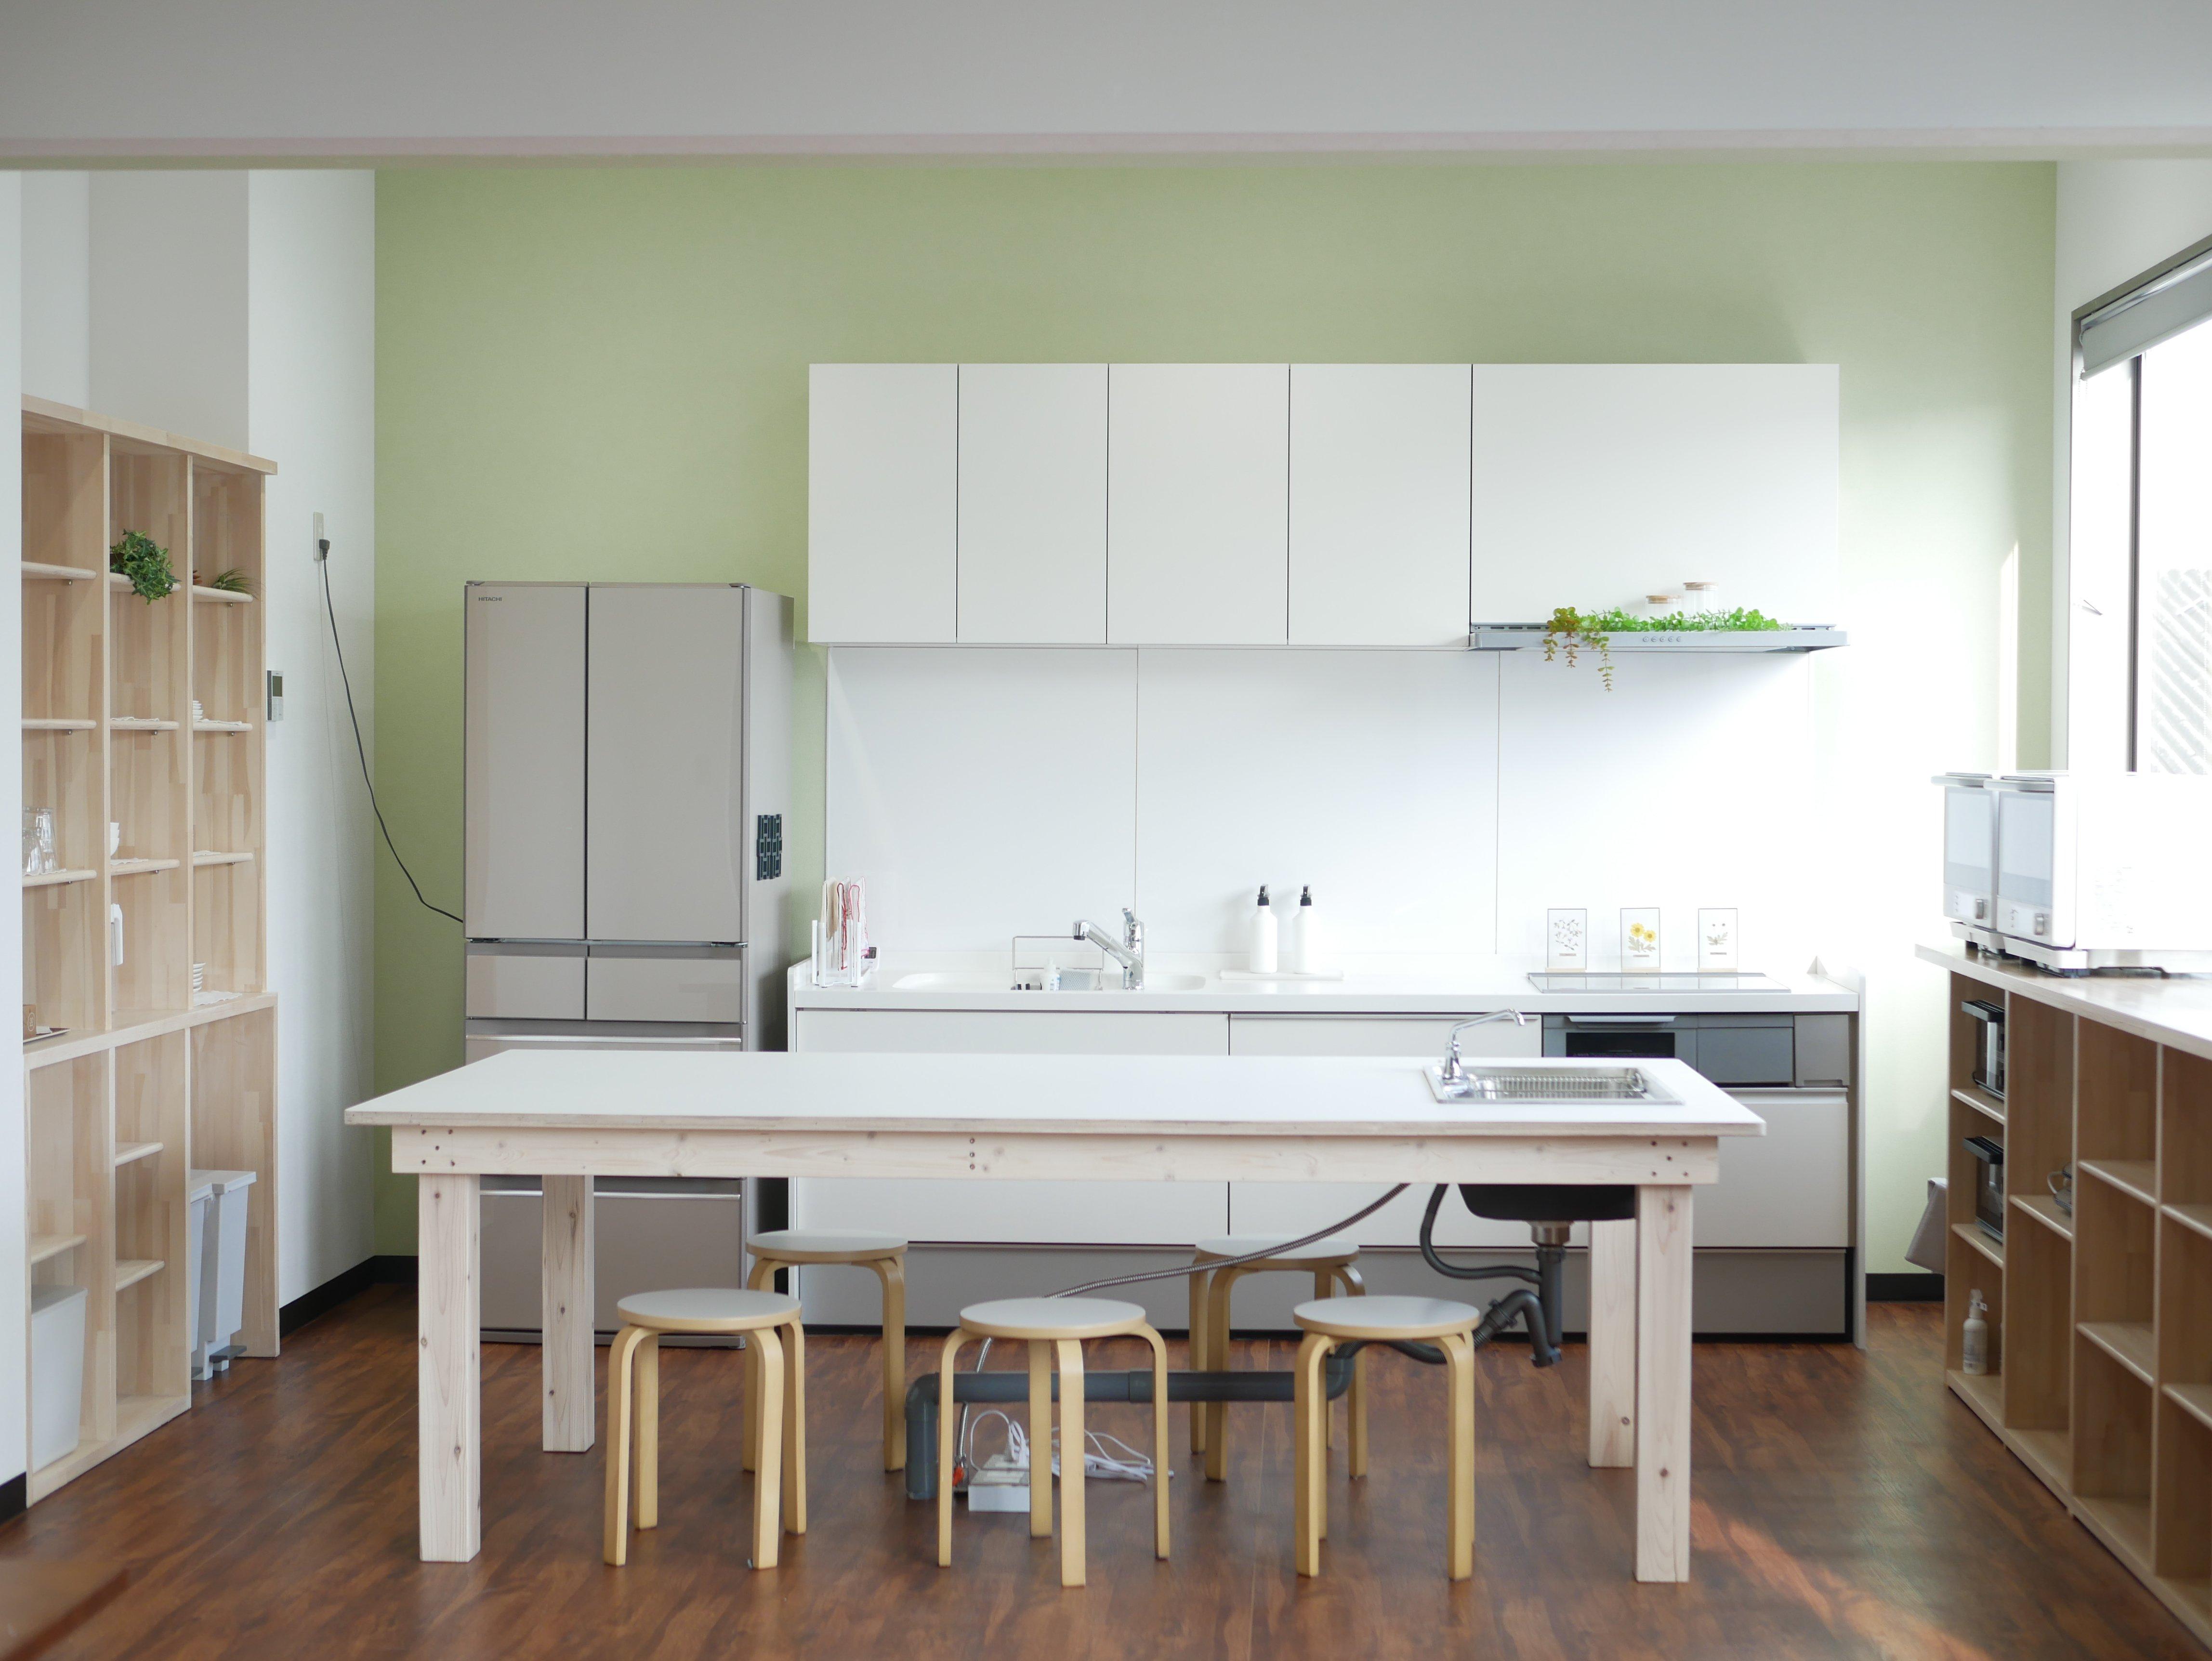 【現地払い専用】4時間キッチンペース(平日)!レンタルスペースmom+のイメージその4